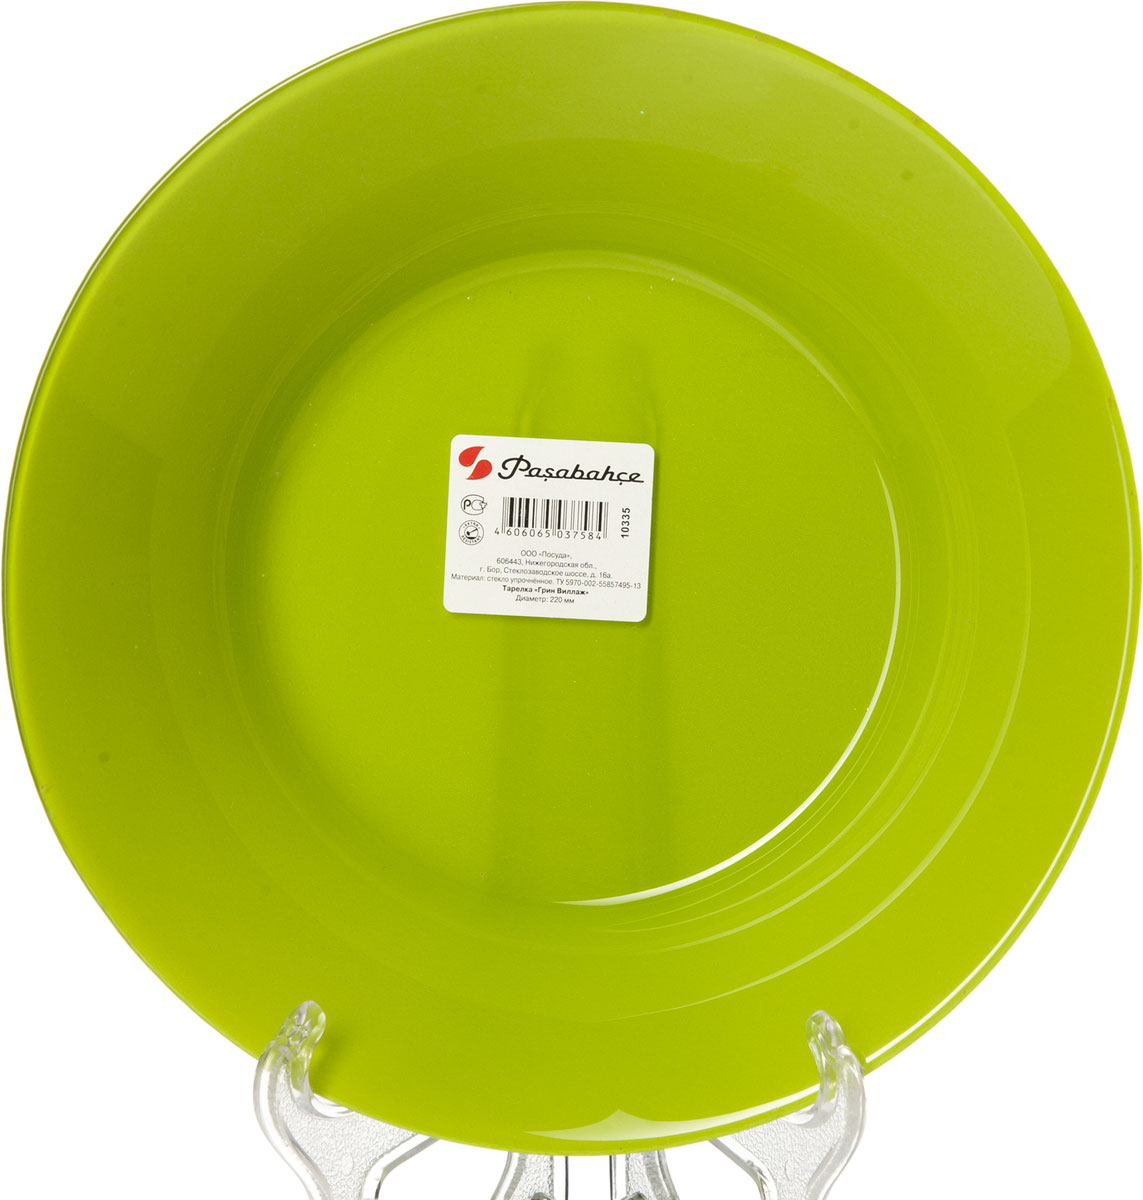 Тарелка Pasabahce Грин Виллаж, цвет: зеленый, диаметр 22 см10335SLBD14Тарелка Pasabahce Грин Виллаж выполнена из качественногостекла. Тарелка прекрасно подойдет в качестве сервировочного блюда для фруктов, десертов, закусок, торта и другого.Изящная тарелка прекрасно оформит праздничный стол и порадует вас и ваших гостей изысканным дизайном и формой. Диаметр тарелки: 22 см.